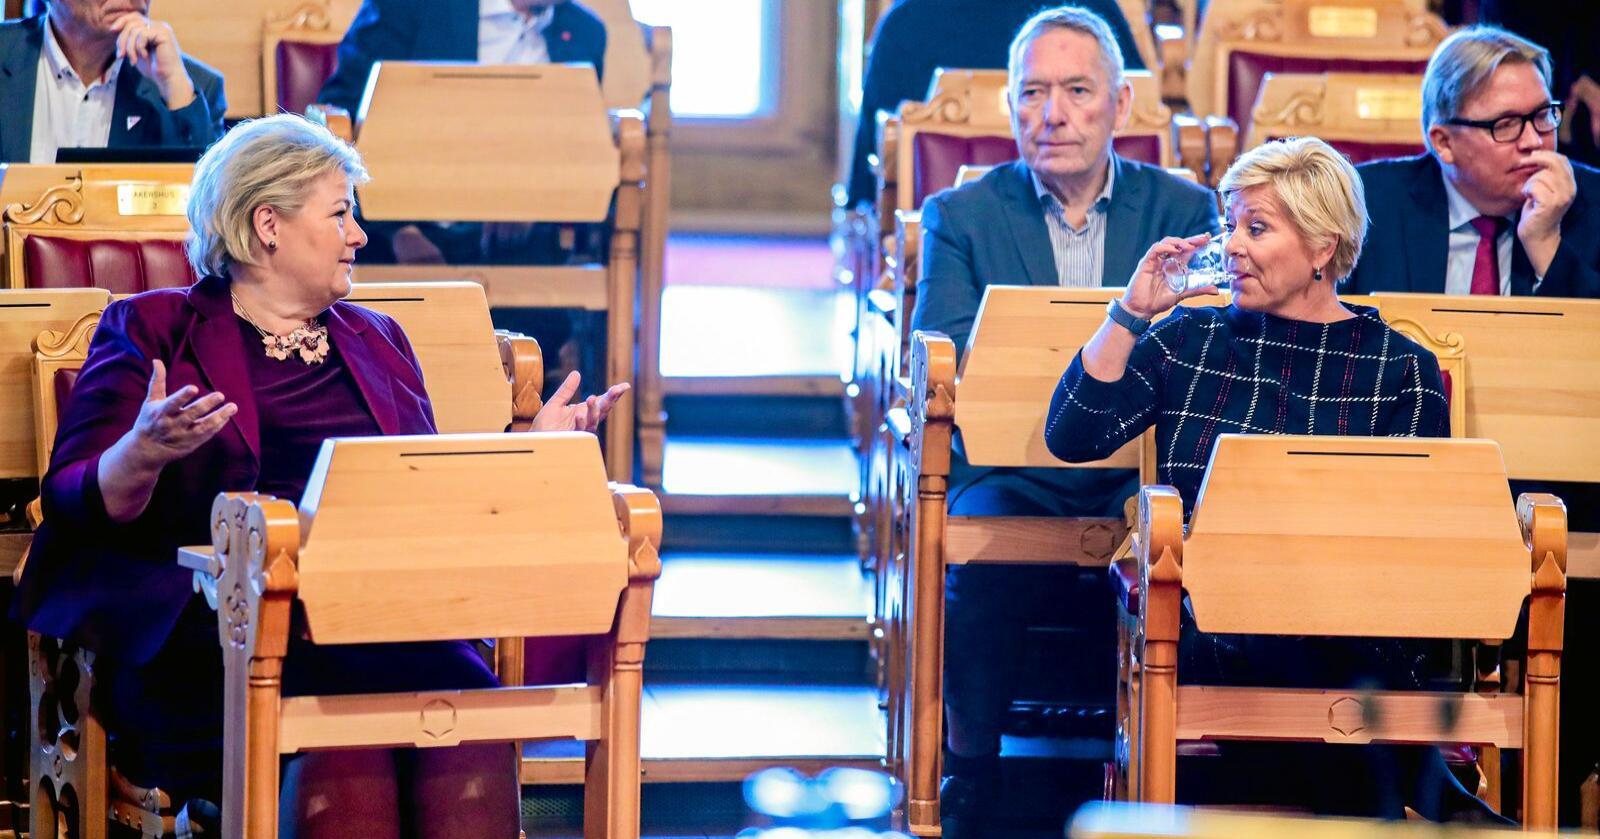 Fullt beger: Begeret er fullt, sier Frp-leder Siv Jensen om regjeringens politikk. Men hva med Erna Solbergs? Foto: Håkon Mosvold Larsen/NTB scanpix